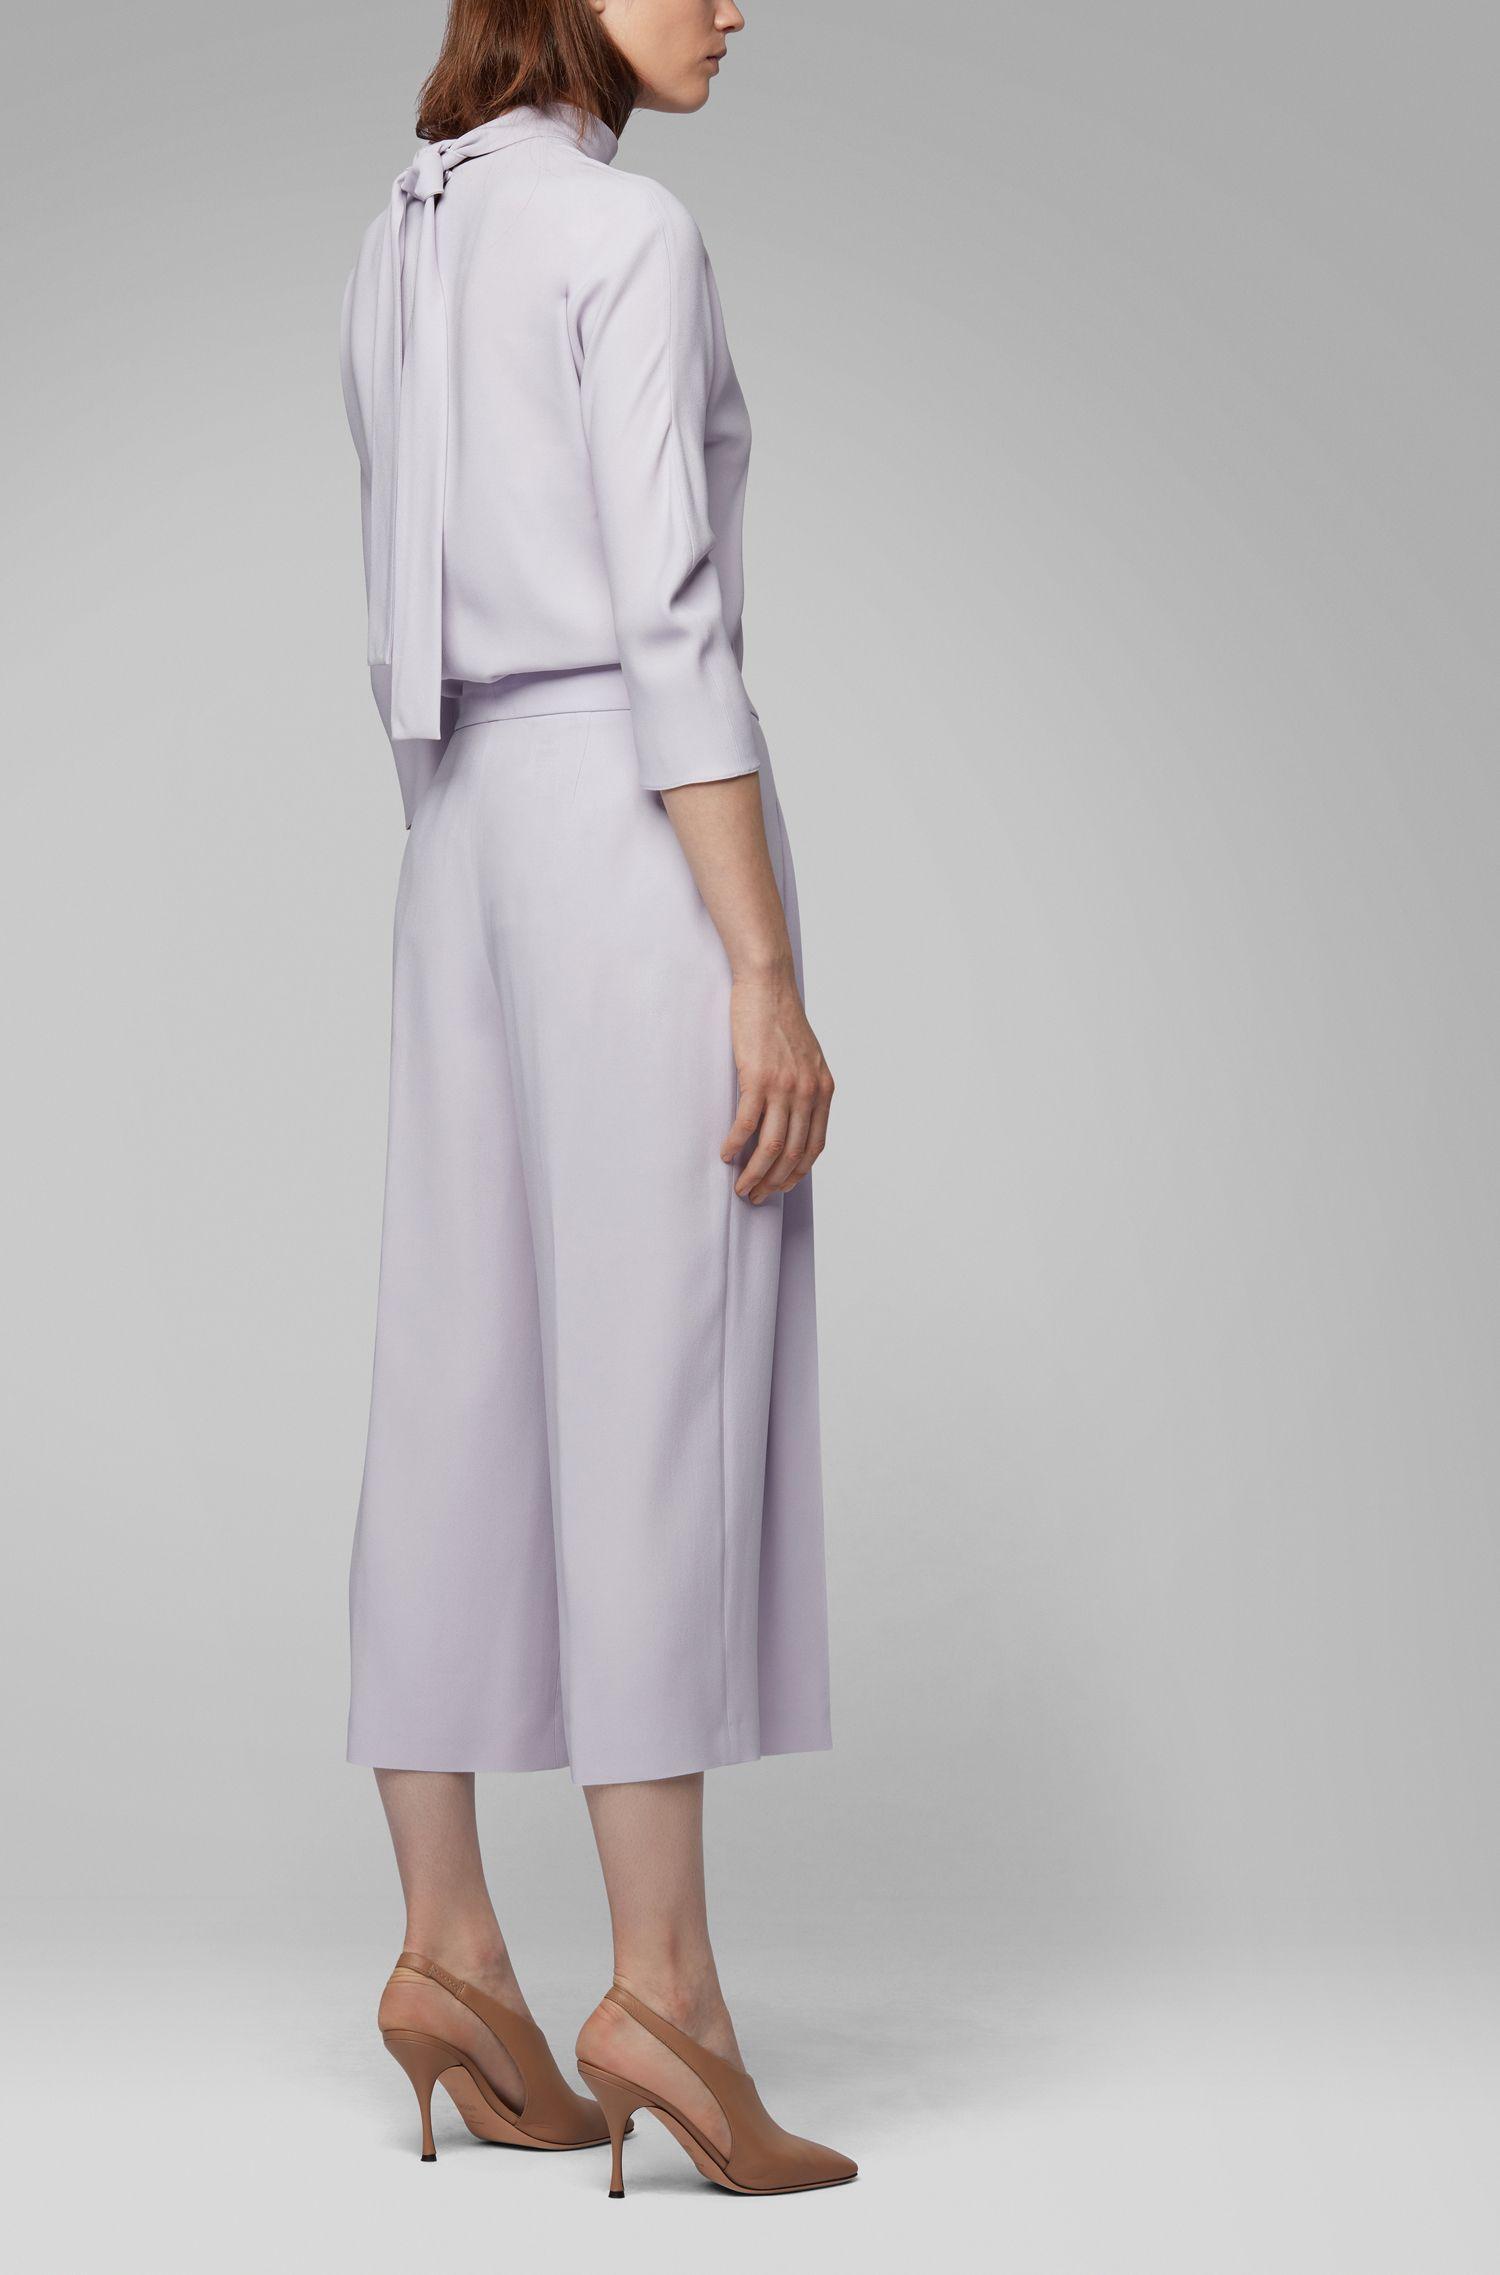 Pantalones con pernera ancha de estilo tobillero en crepé italiano con reverso satinado, Luz púrpura